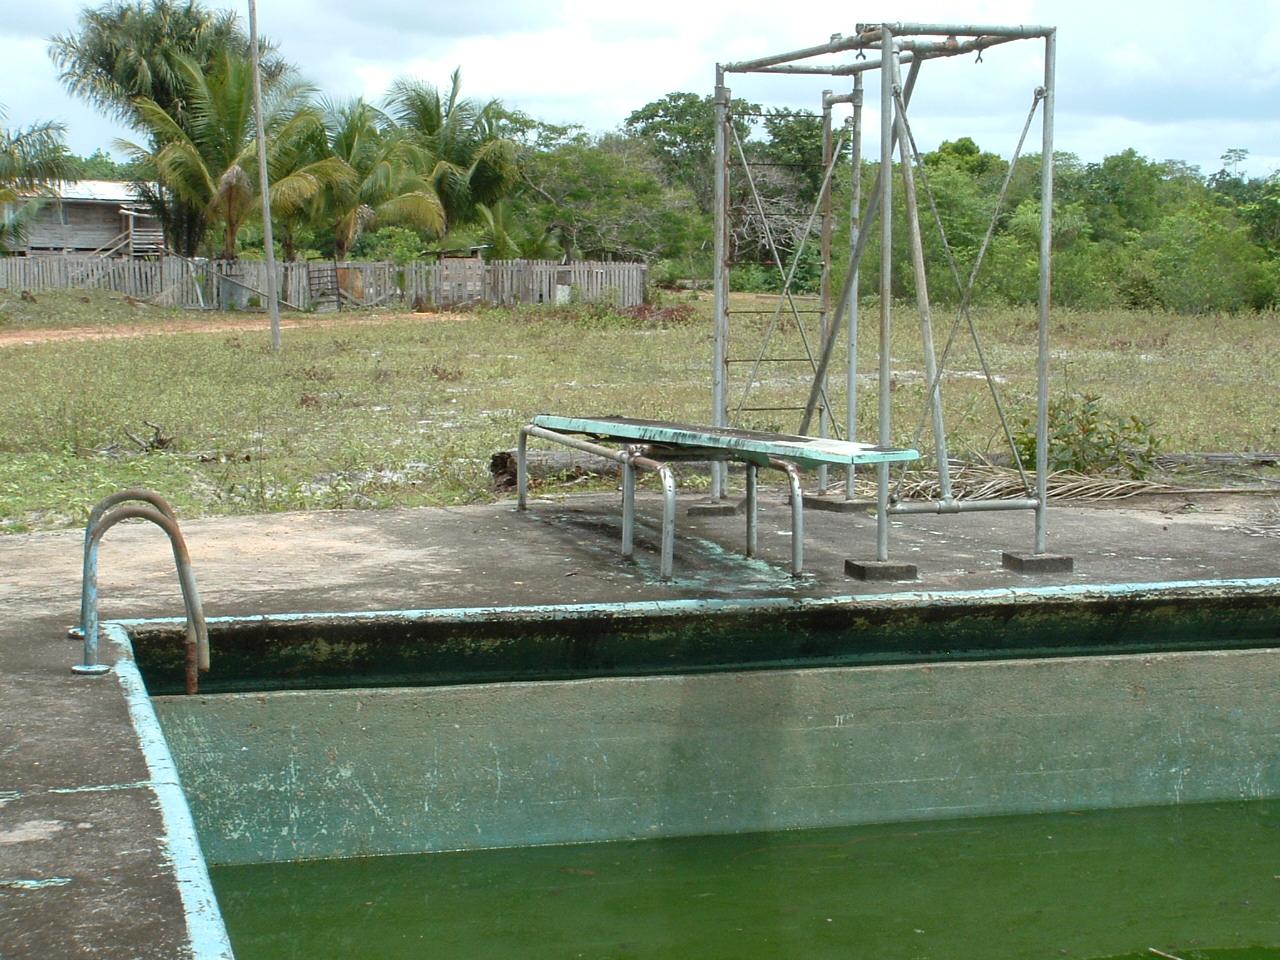 Ituni, Guyana